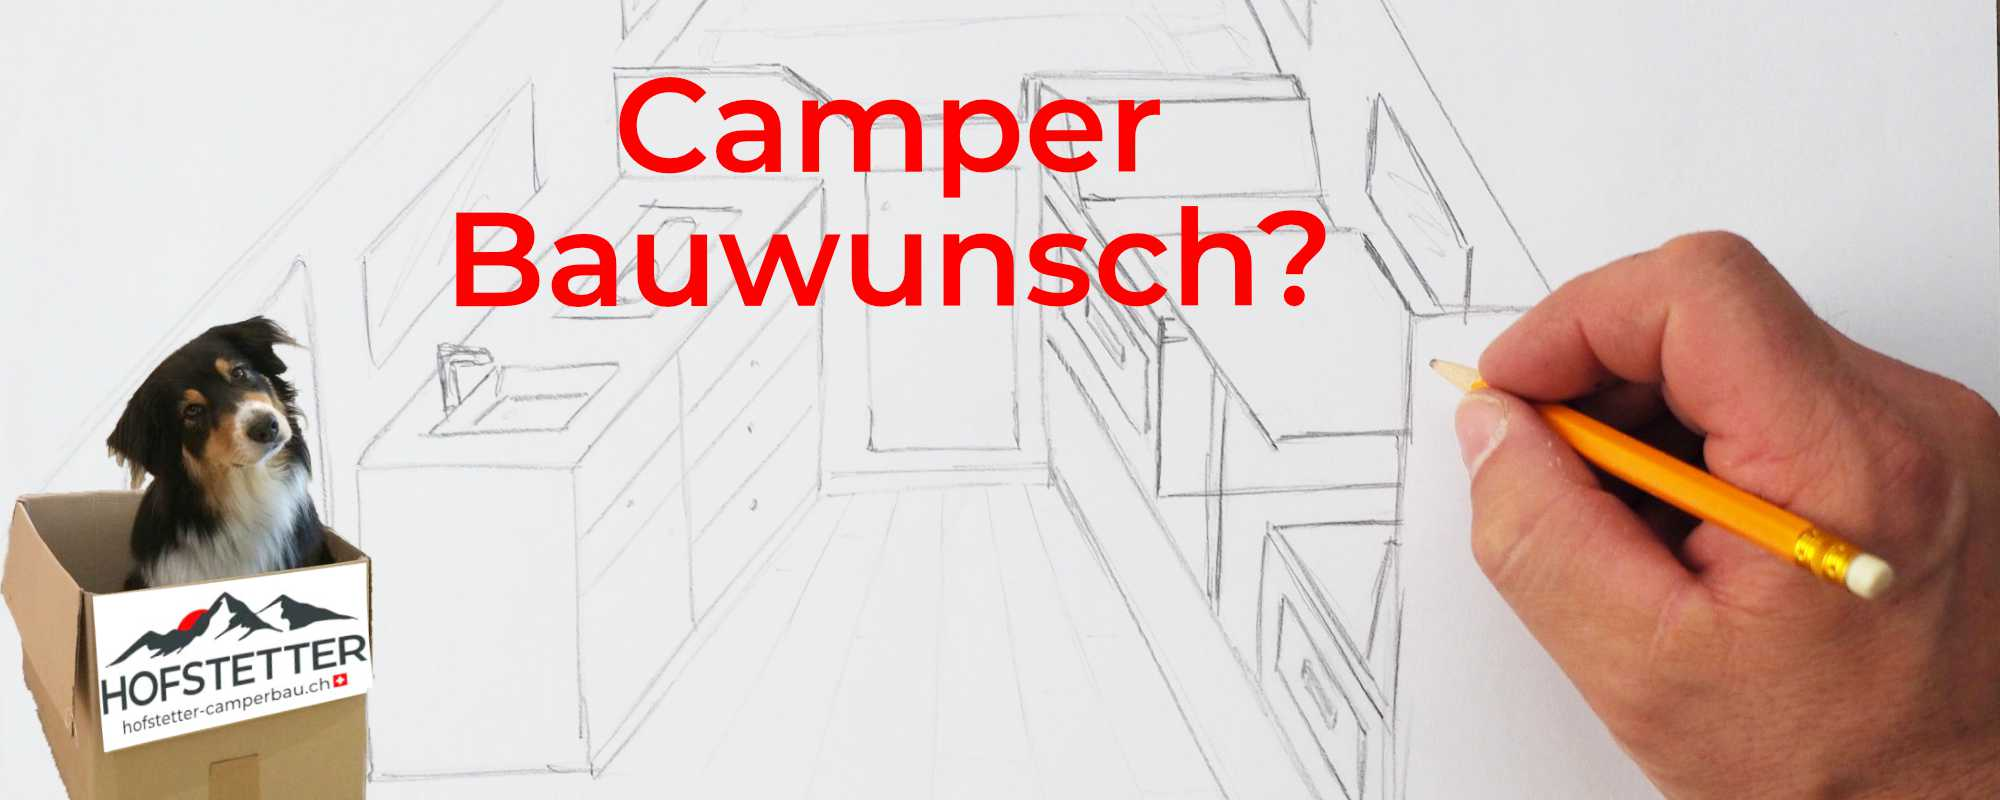 Skizze Camper